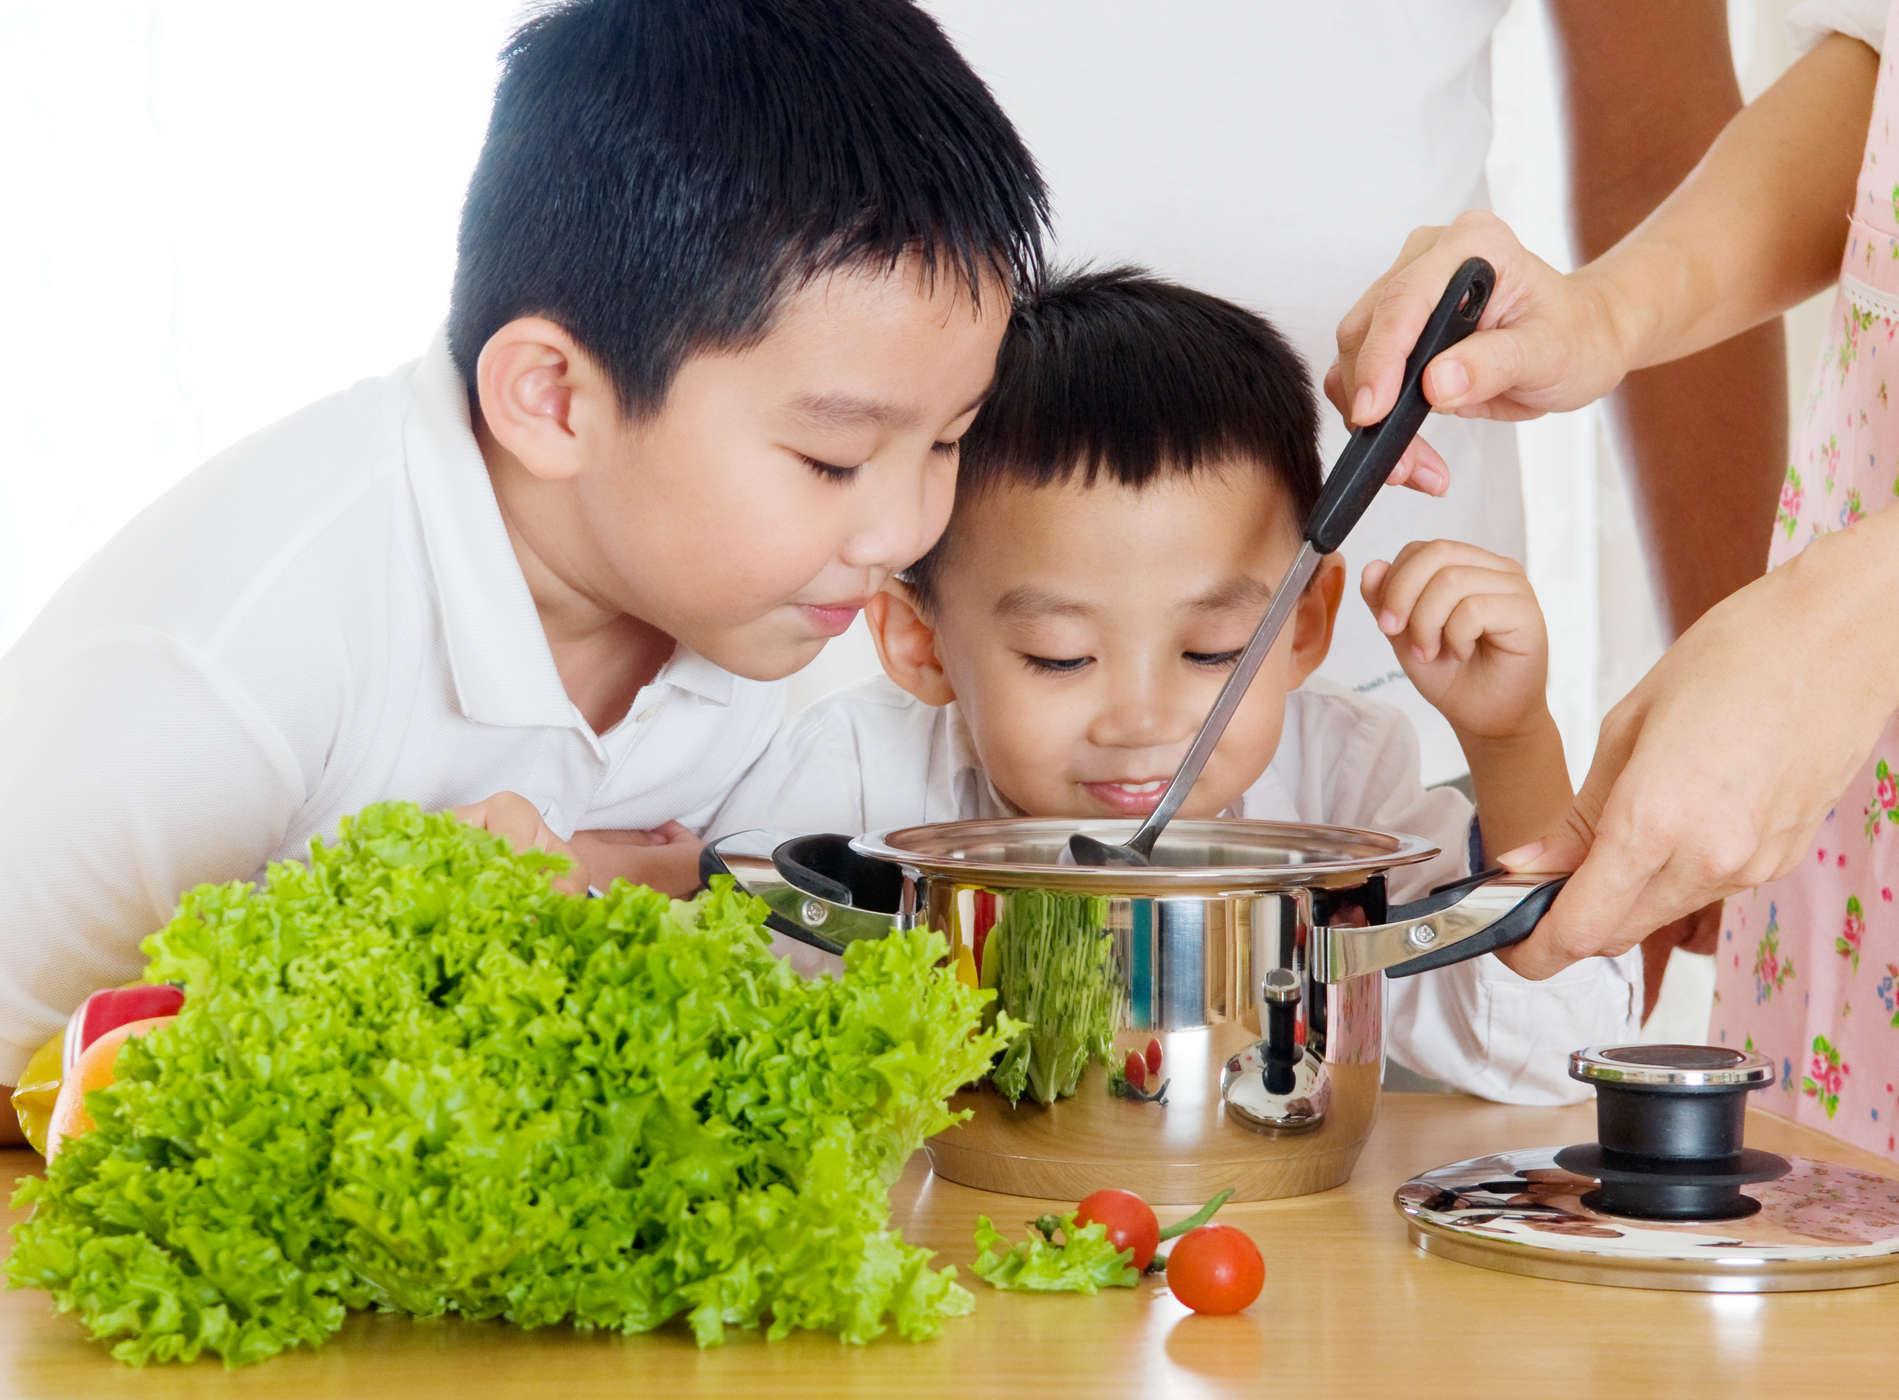 Trẻ bị táo bón: Nguyên nhân, cách điều trị và phòng ngừa - Ảnh 3